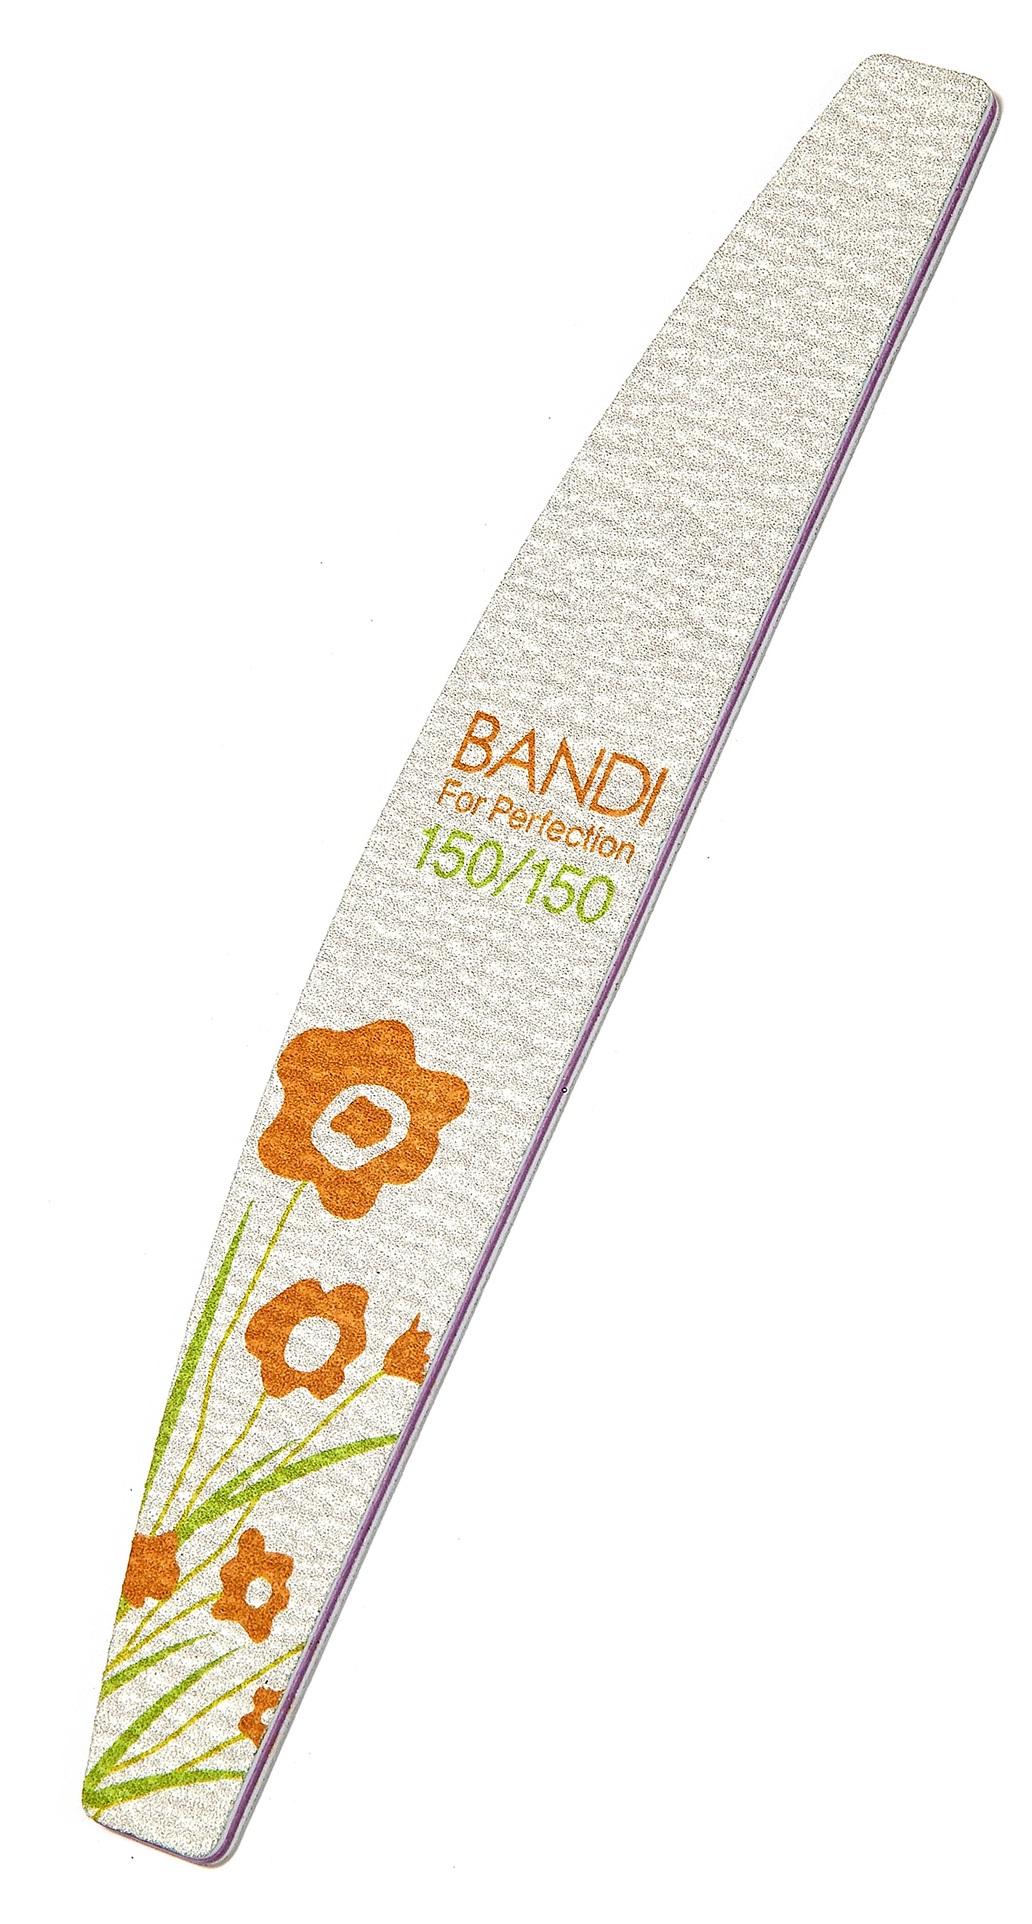 BANDI Пилочка для ногтей 150/150 / FILE 1 шт фото